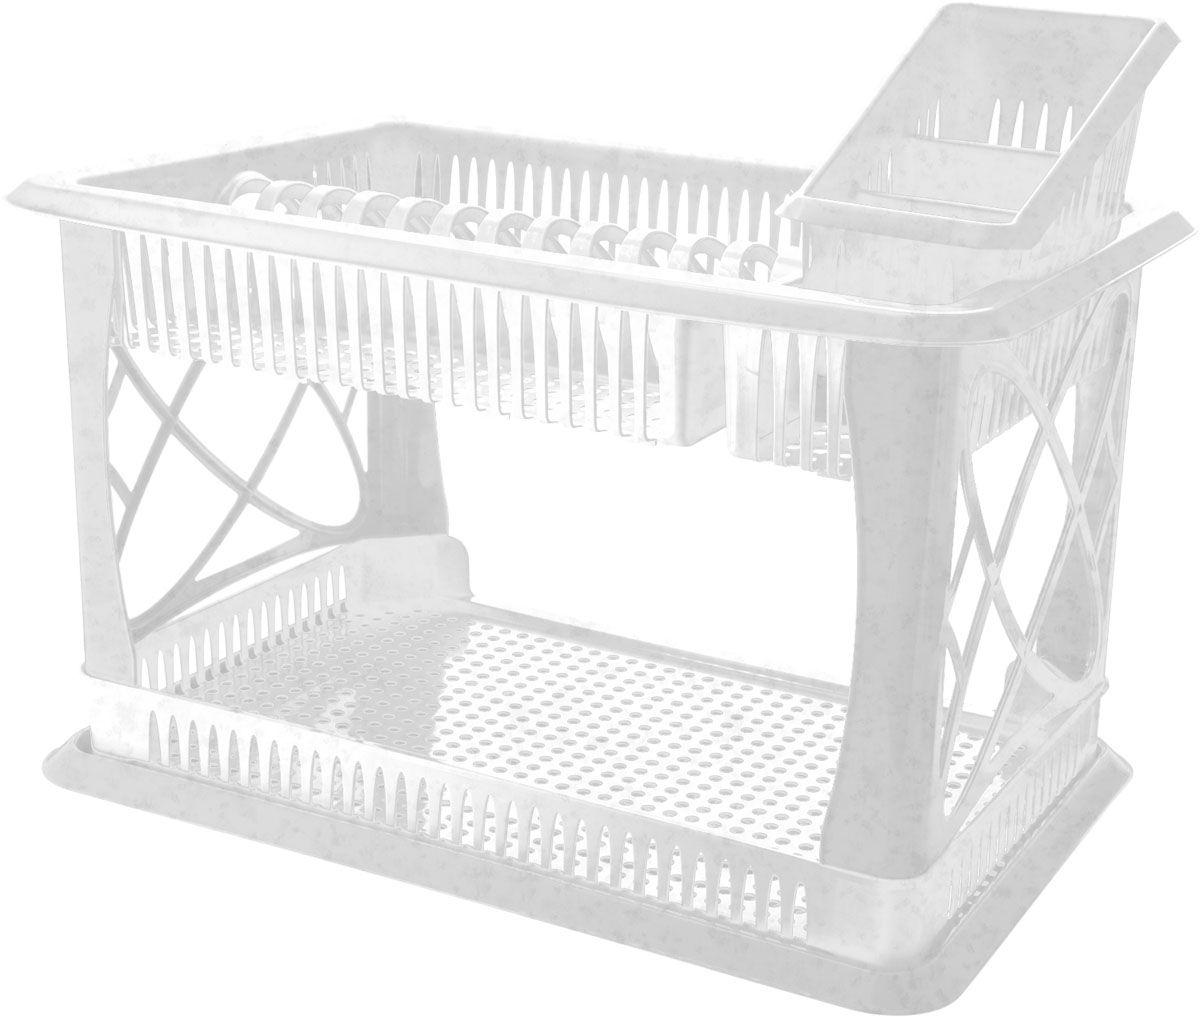 Сушилка для посуды Plastic Centre Лилия, 2-ярусная, с поддоном, с сушилкой для столовых приборов, цвет: голубой, 49 х 17,5 х 32,5 смПЦ1558МРНаша уникальная двухъярусная сушилка позволит сушить или хранить большое количество посуды, при этом сэкономит полезную площадь на столе или в шкафу. В комплект входит сушилка для столовых приборов.